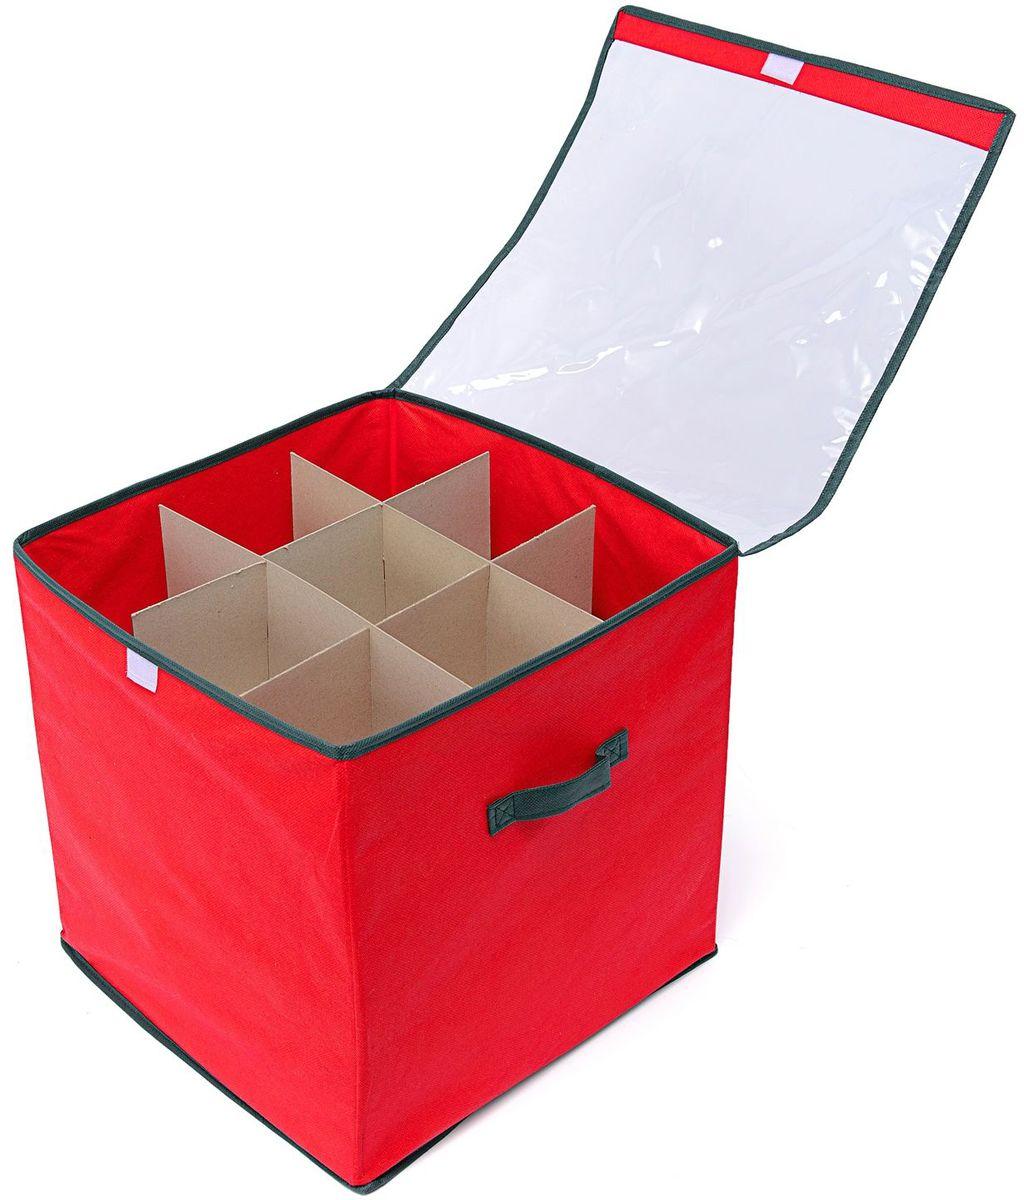 Коробка с делениями Homsu New Year, 30х40х25 см, цвет: красныйHOM-733Коробка с крышкой оптимального размера 30х40х25 см, оснащена делениями из картона, прекрасно подходит для хранения ёлочных шаров и других украшений. Выполнена в традиционной новогодней расцветке. Размер изделия: 30х40х25см.